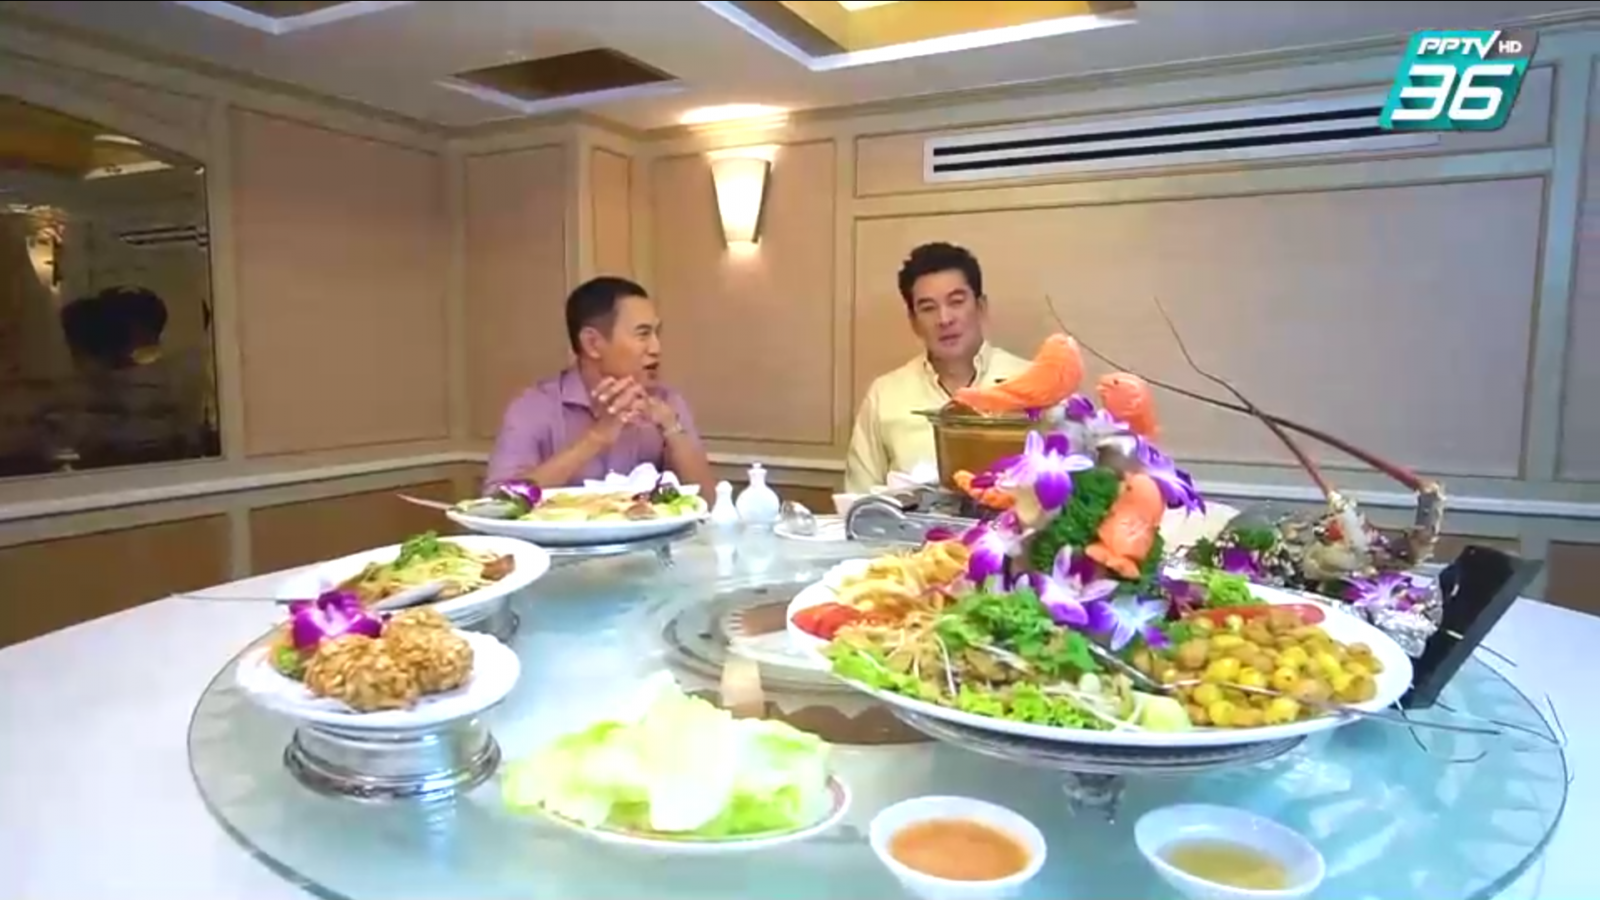 อาหารจีนแบบคลาสสิก ที่ ภัตตาคาร เชียงการีล่า Shangri la Restaurant